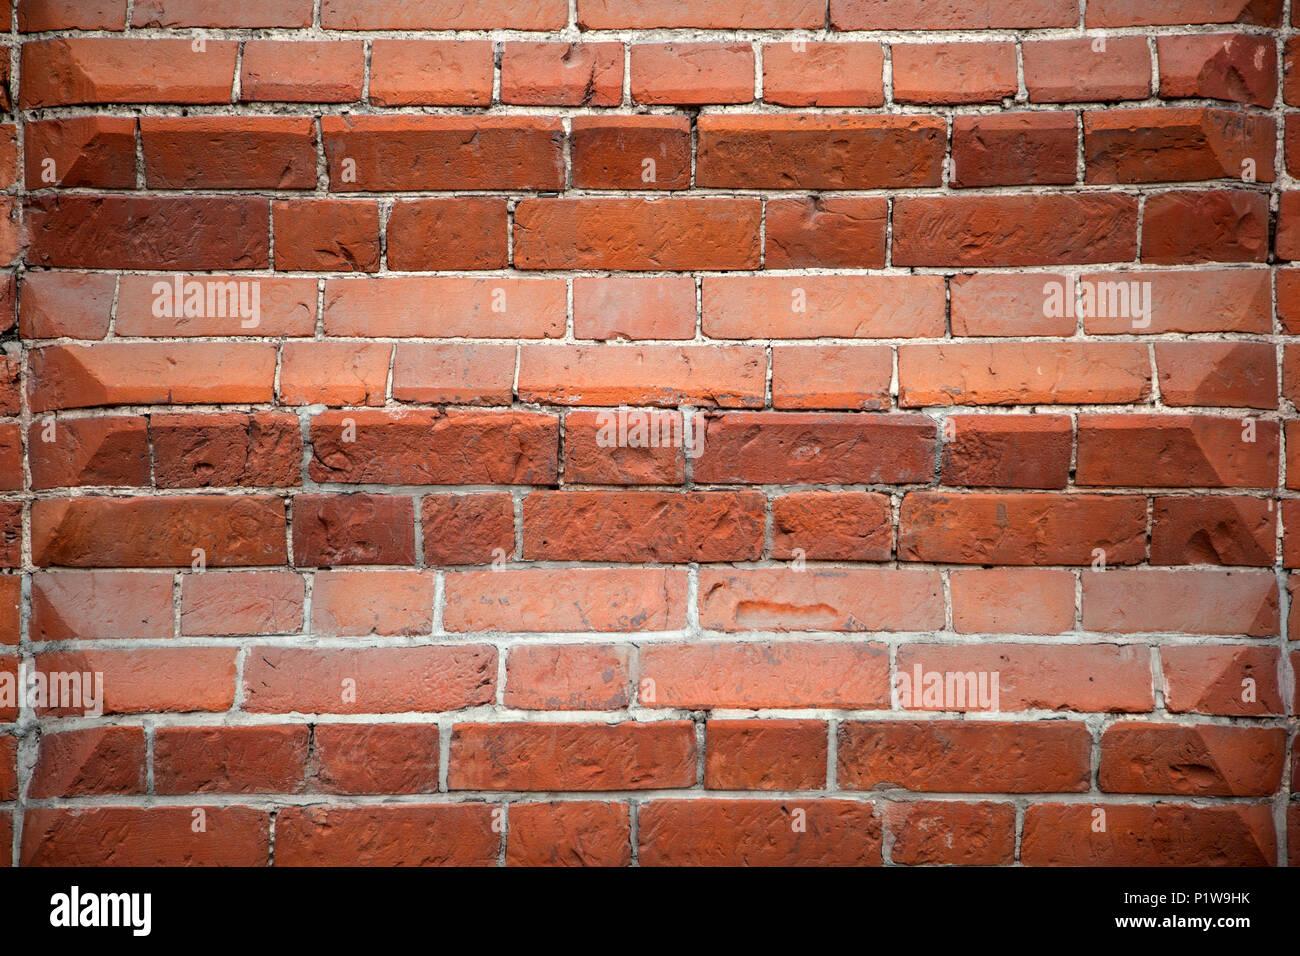 Mur De Brique Rouge Avec Bandes De Couleurs Differentes La